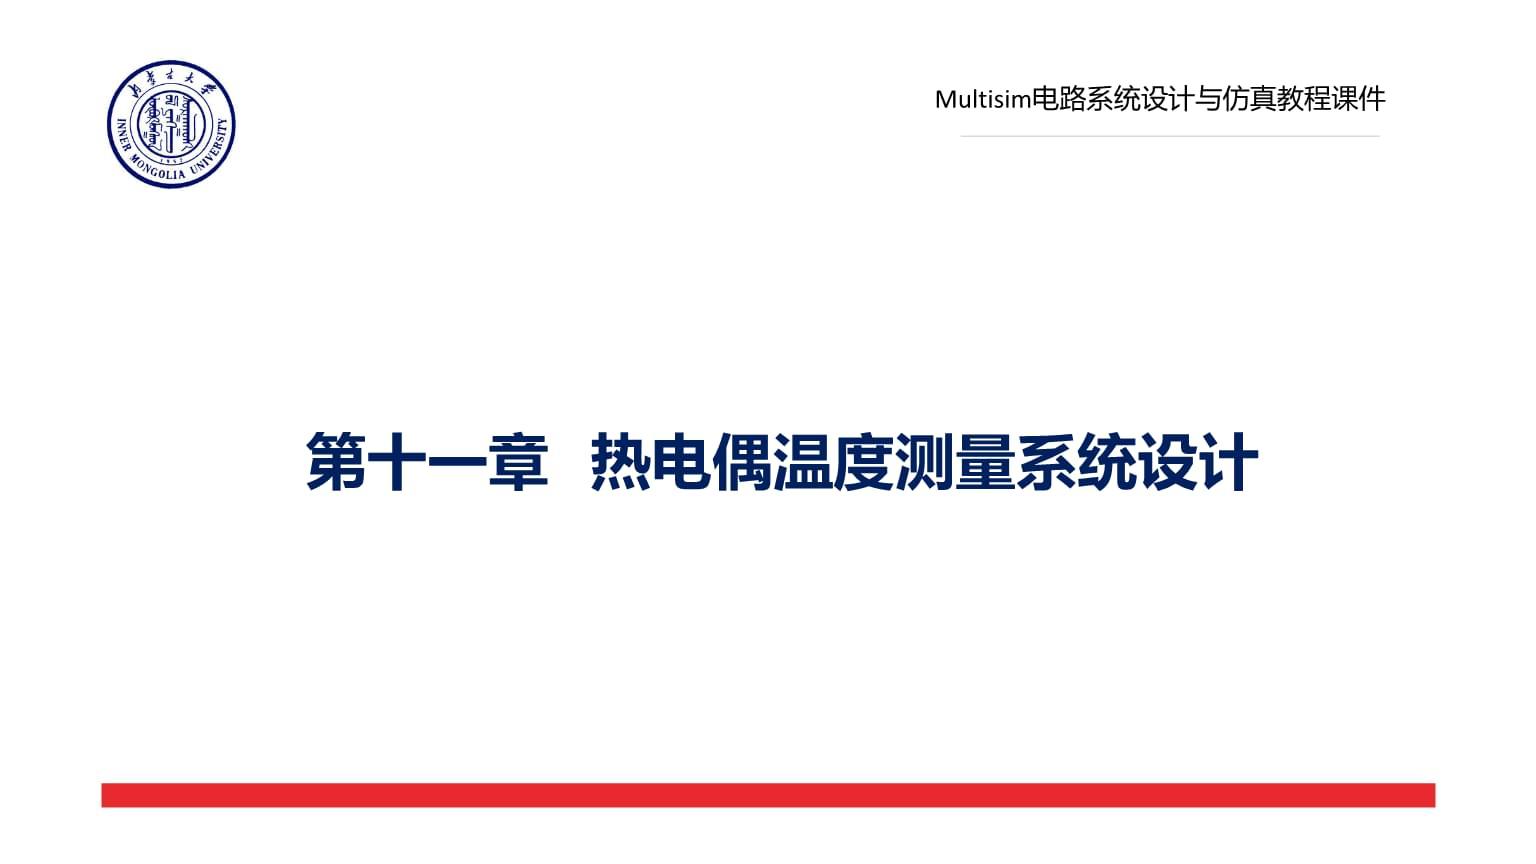 Multisim电路系统设计与仿真第十一章.ppt